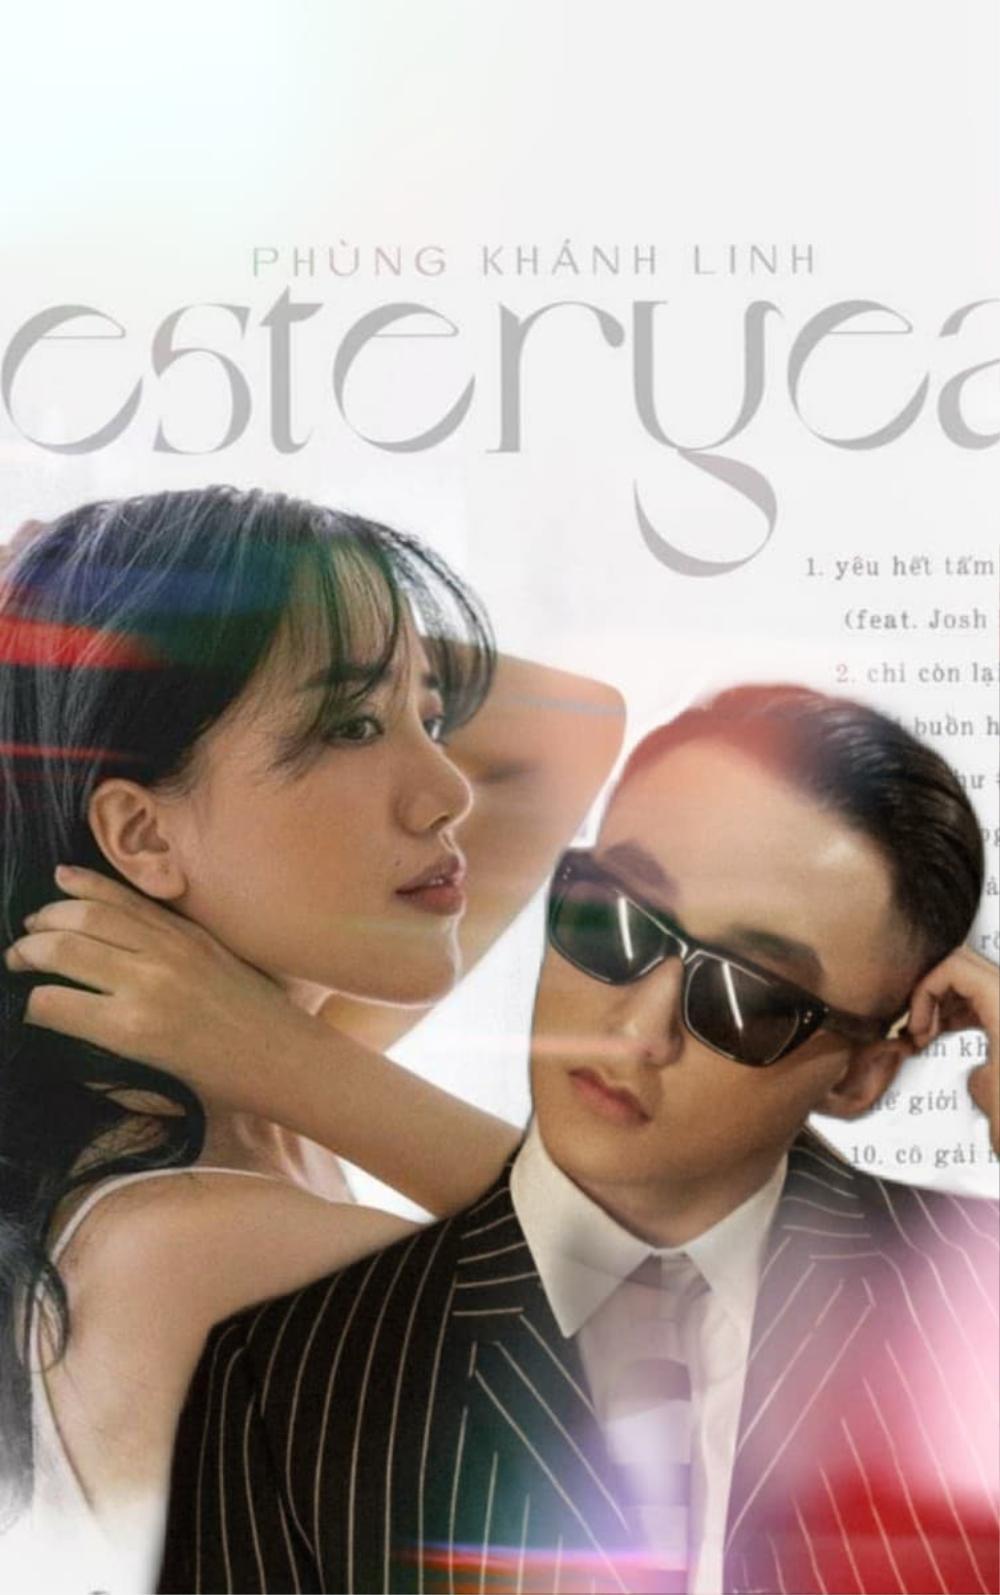 Đây là điều trùng hợp với Sơn Tùng M-TP trong album mới của Phùng Khánh Linh Ảnh 3